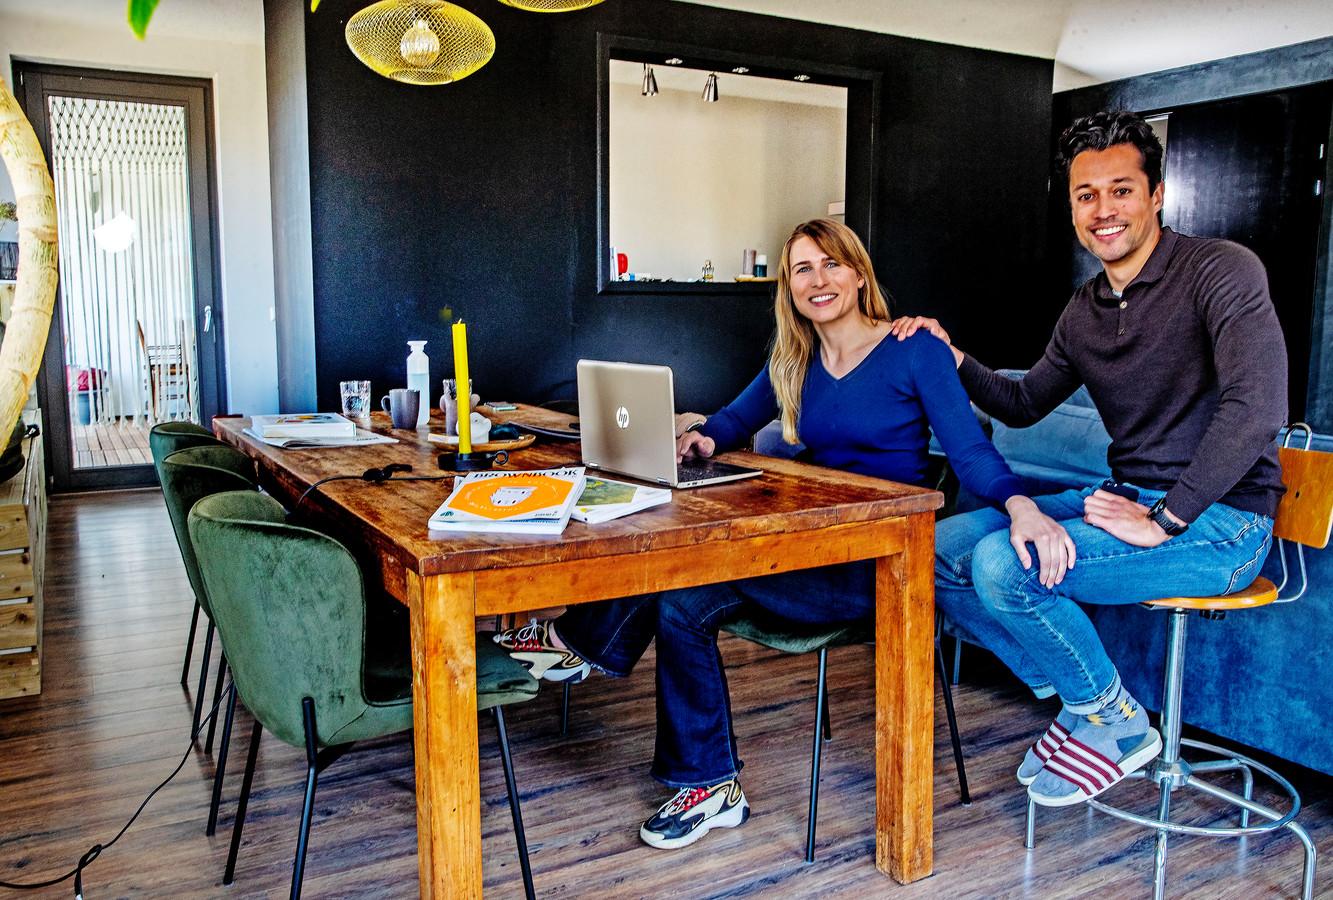 Linda Klunder en haar vriend Wiigwas Geertsema zagen de huizenprijzen in Amsterdam met de week stijgen, nadat de overdrachtsbelasting voor kopers onder 35 jaar werd afgeschaft.